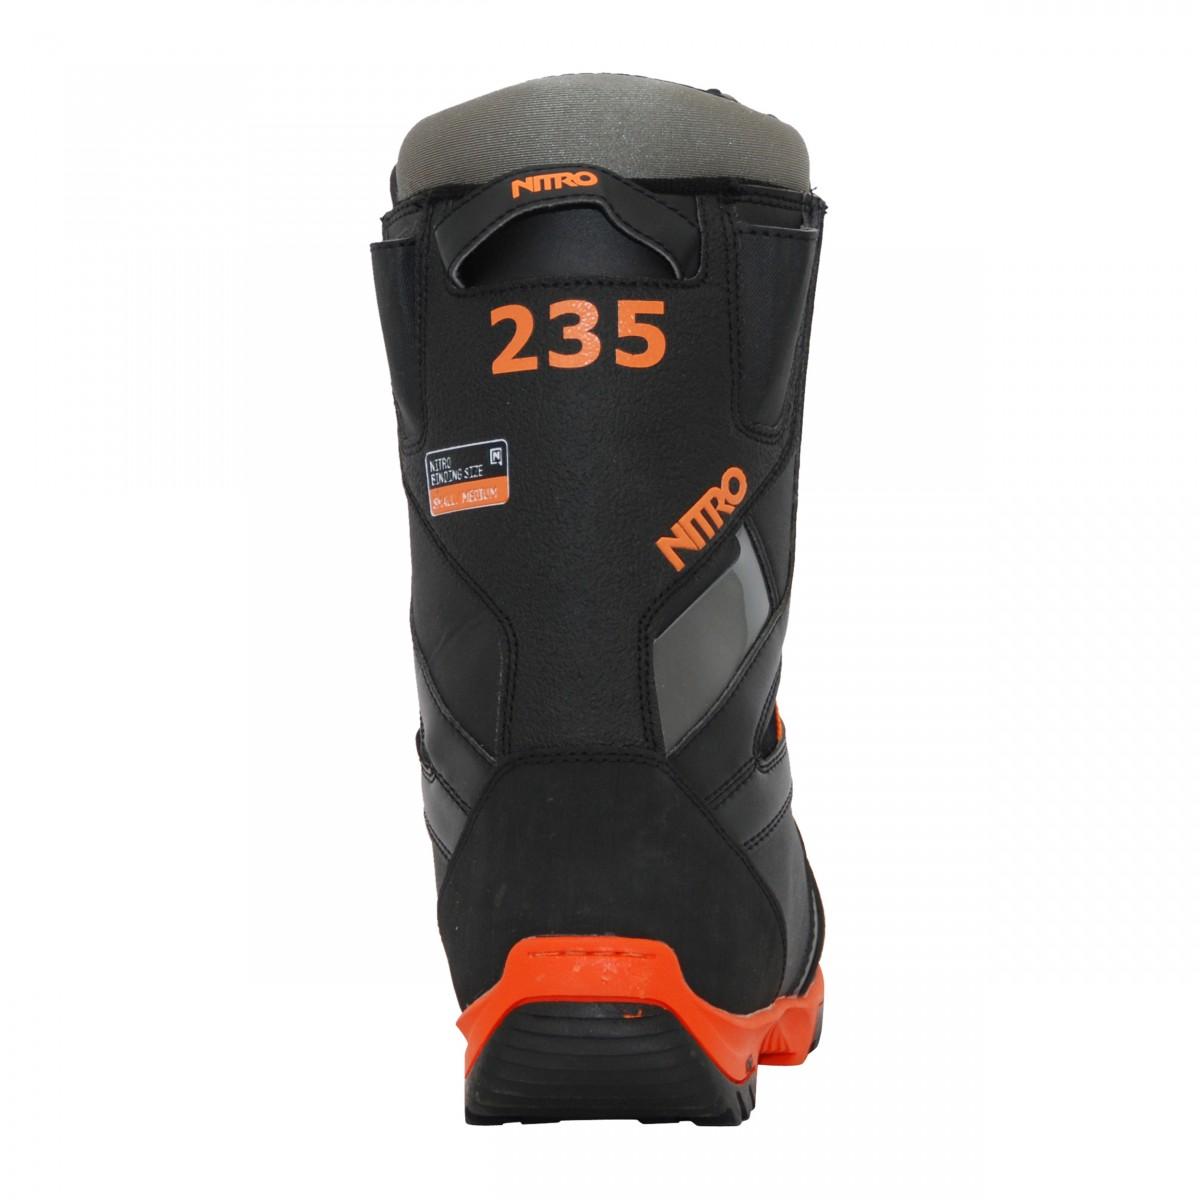 Boots-occasion-de-snowboard-occasion-Nitro-TlS miniature 3